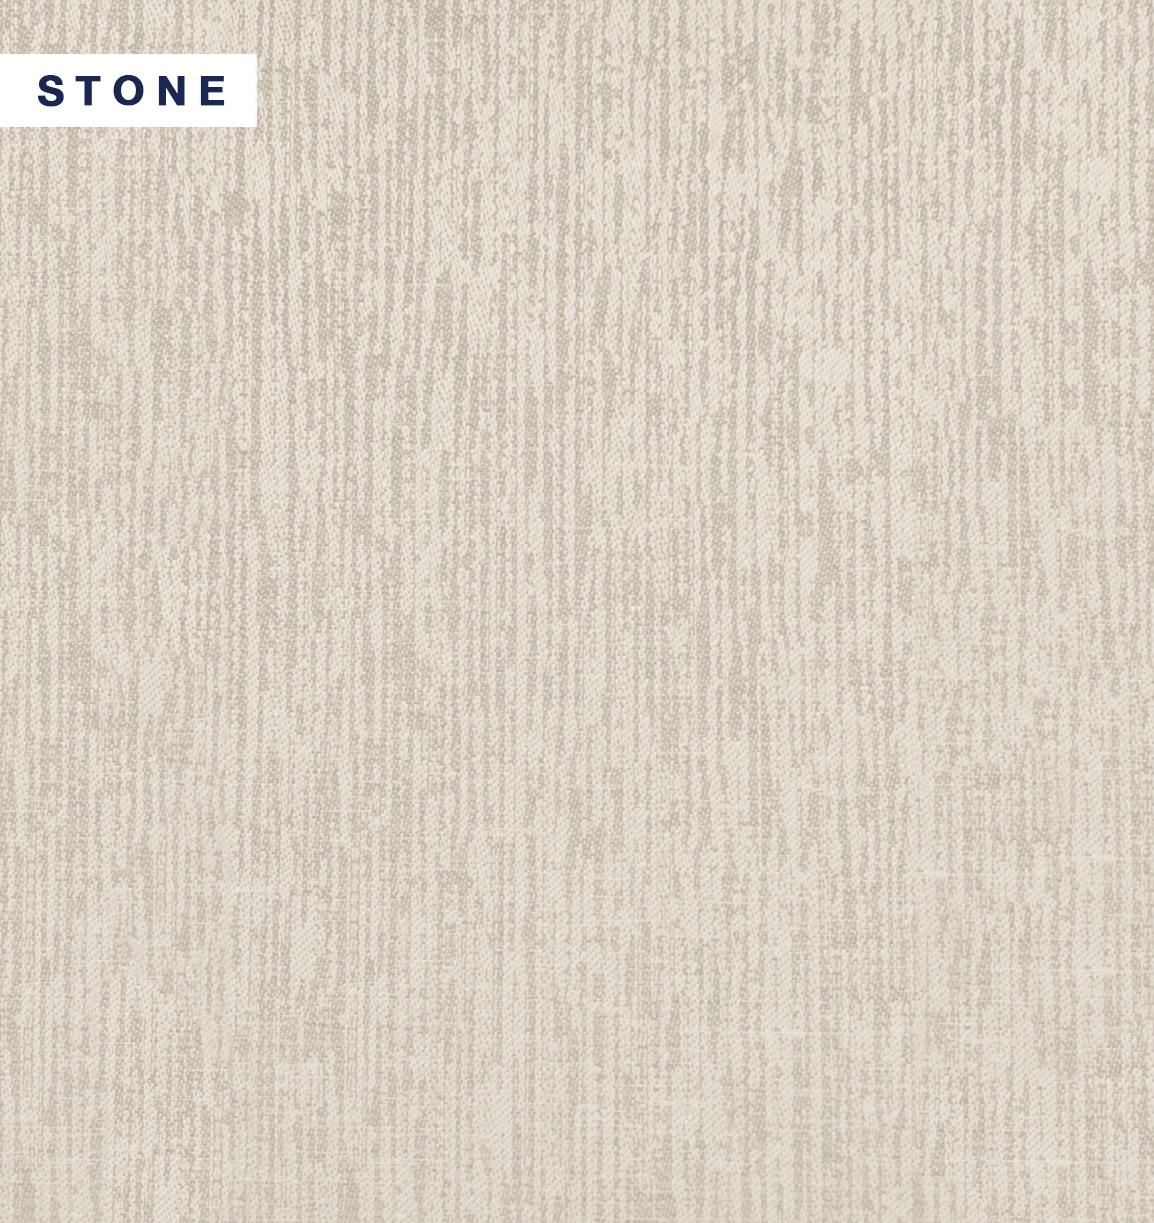 Aspen - Stone.jpg